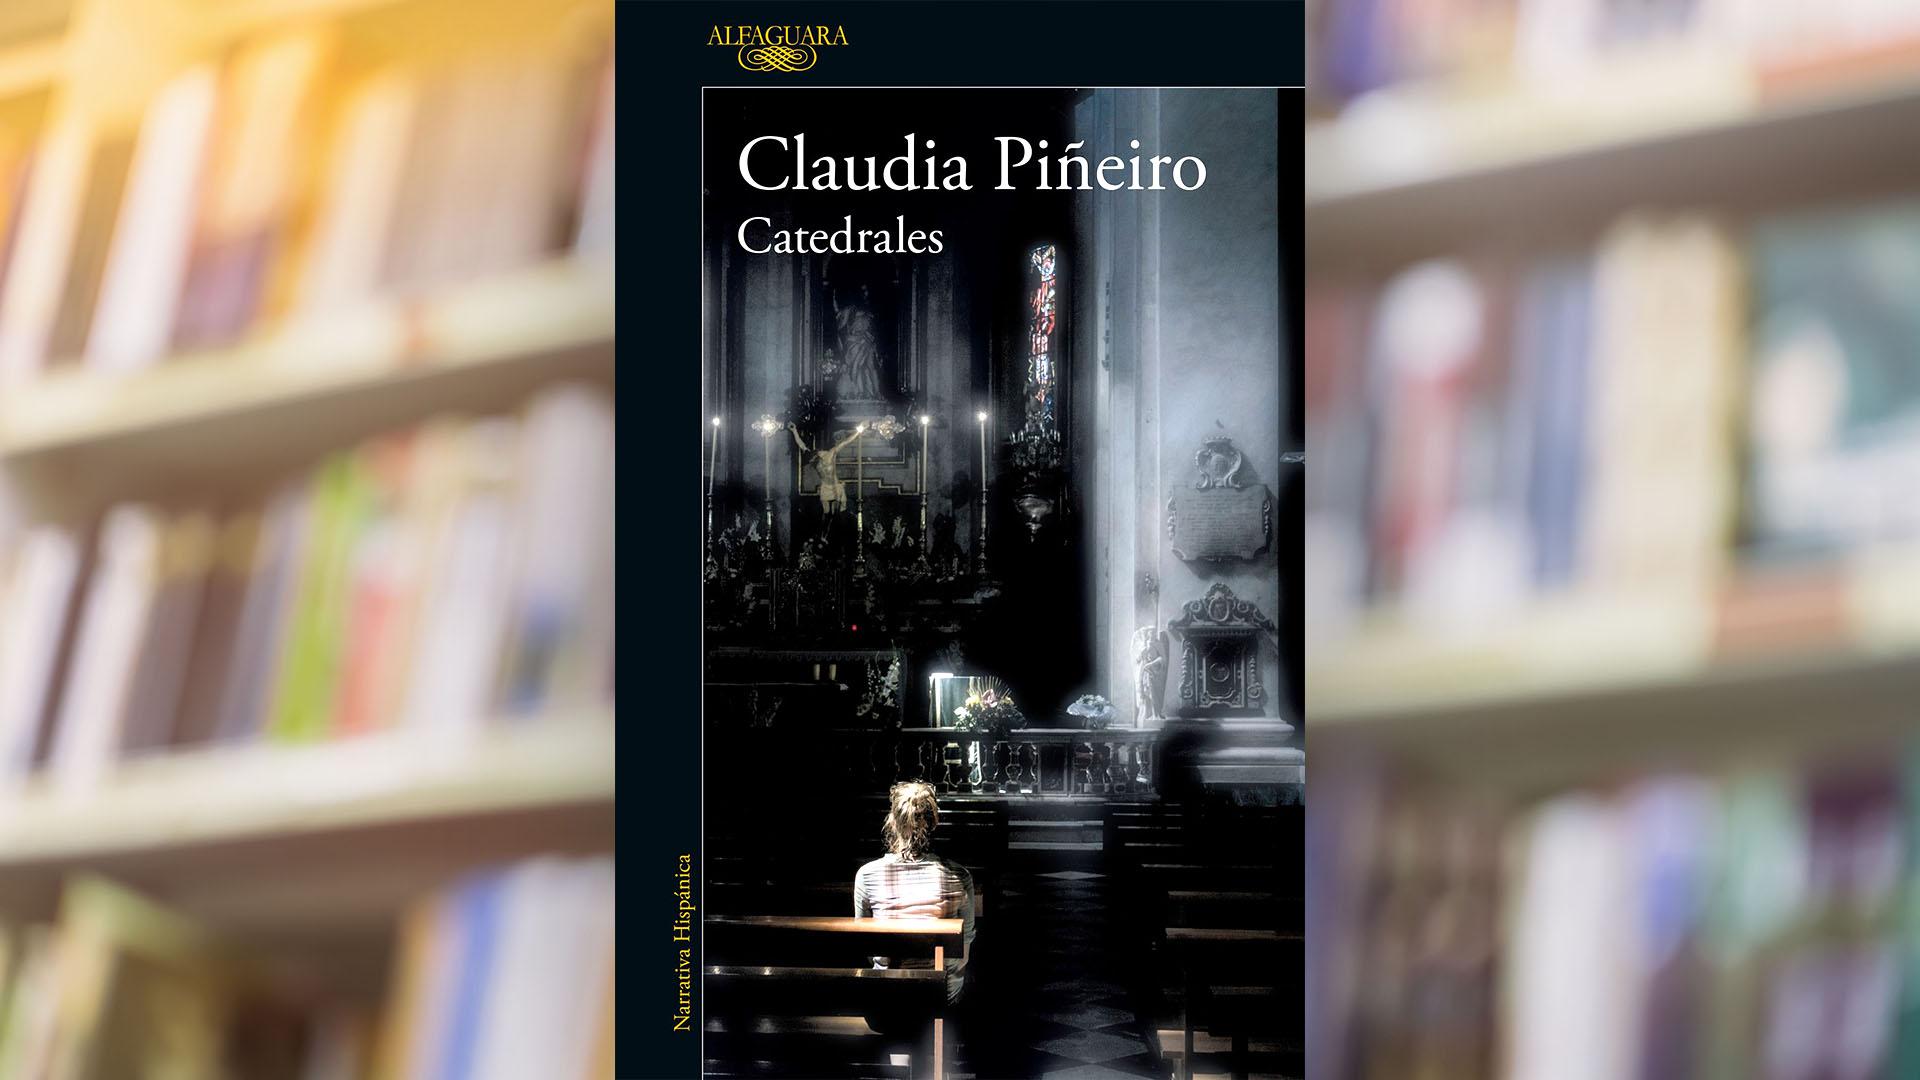 """Catedrales"""", de Claudia Piñeiro, una mirada descarnada sobre el aborto, la hipocresía social y las palabras tabú - Infobae"""